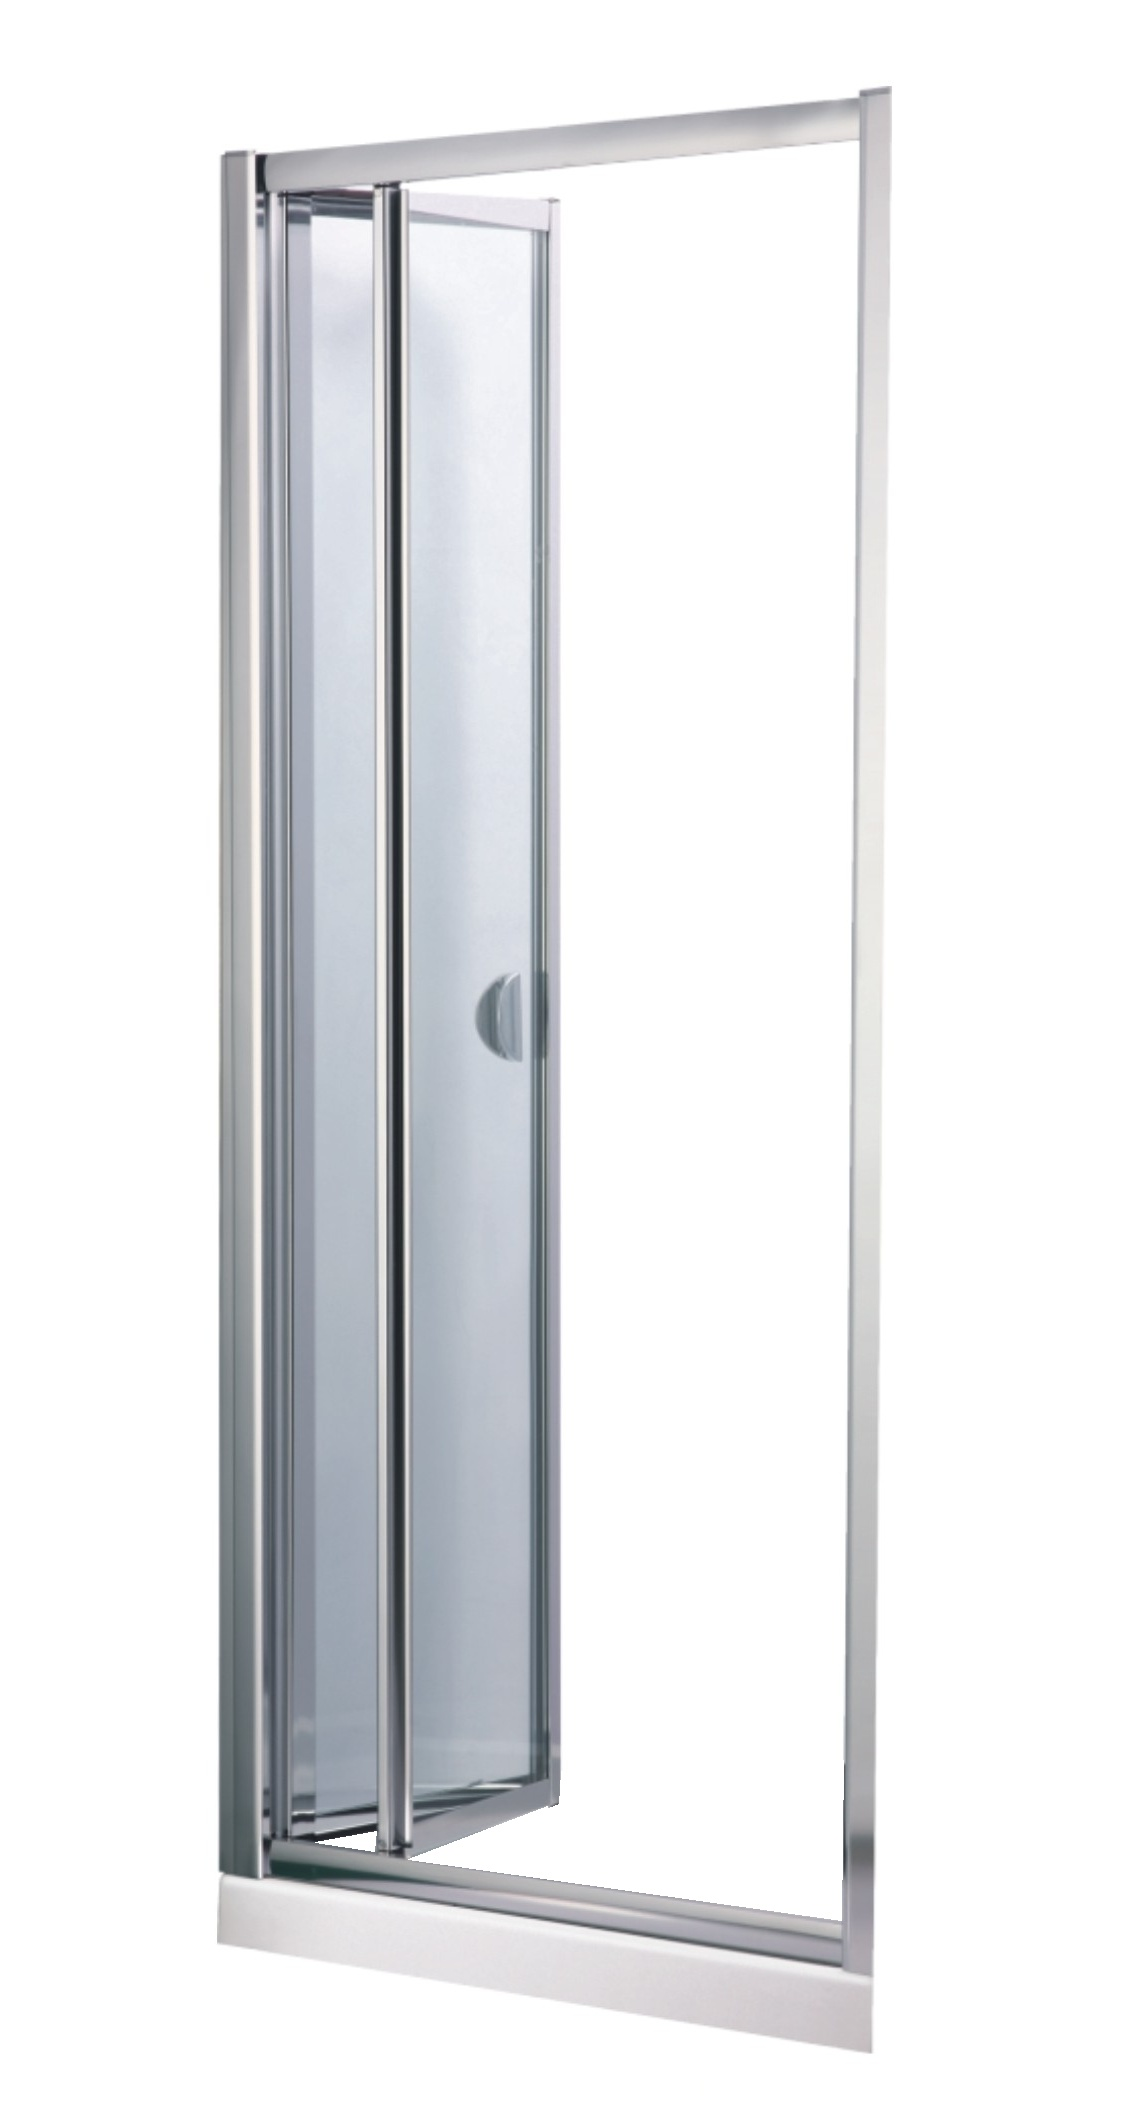 DELTA 90 Clear Well Sprchové dveře zalamovací, doprava zdarma